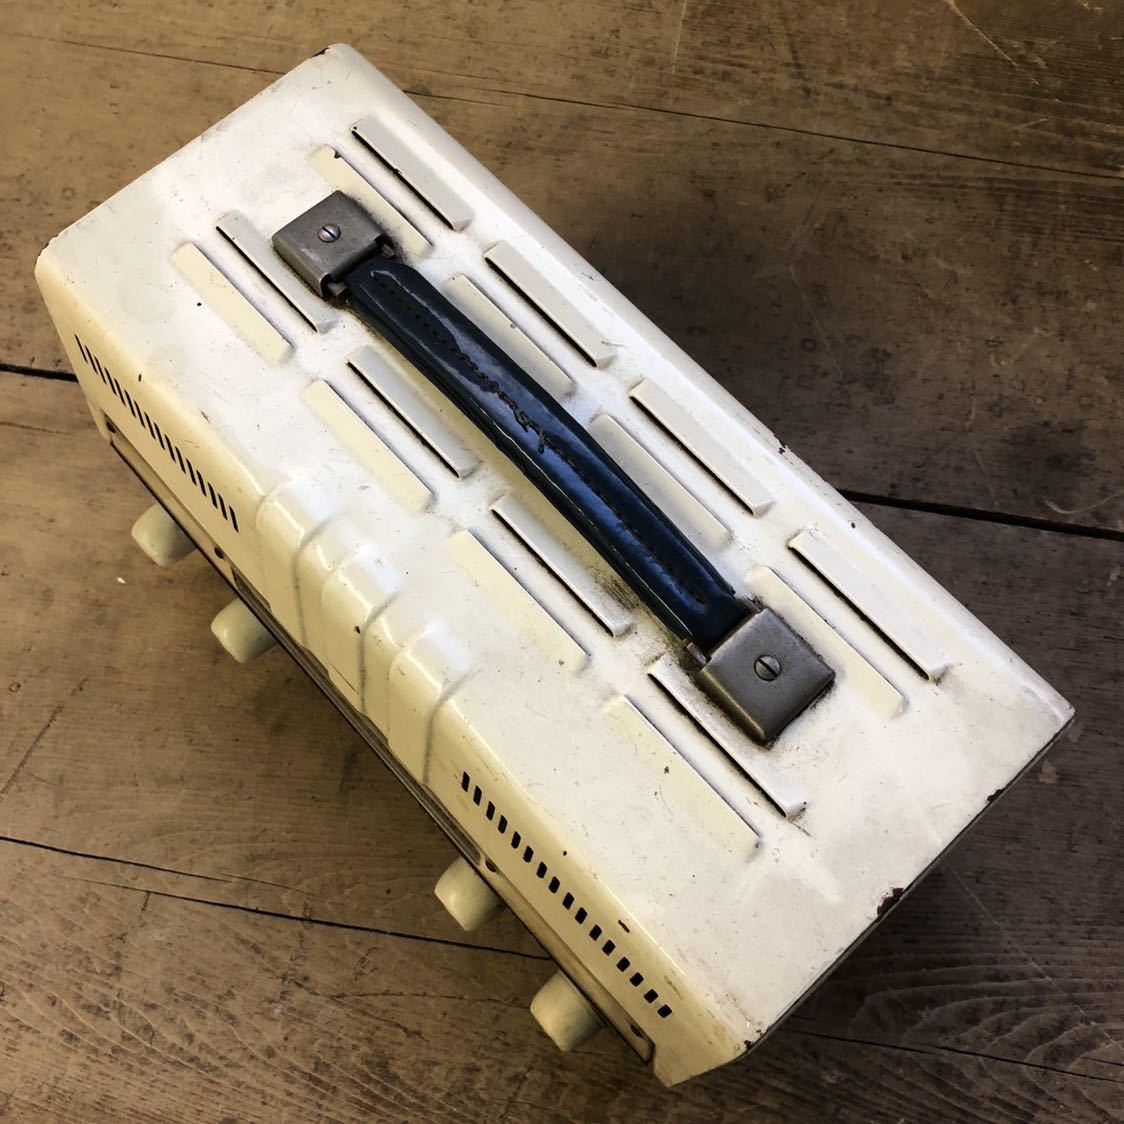 【ジャンク】 ナショナル 真空管 アンプ ラジオ midget amplifier ミッドナイト レトロ 昭和 アンティーク ヴィンテージ 部品取り_画像2